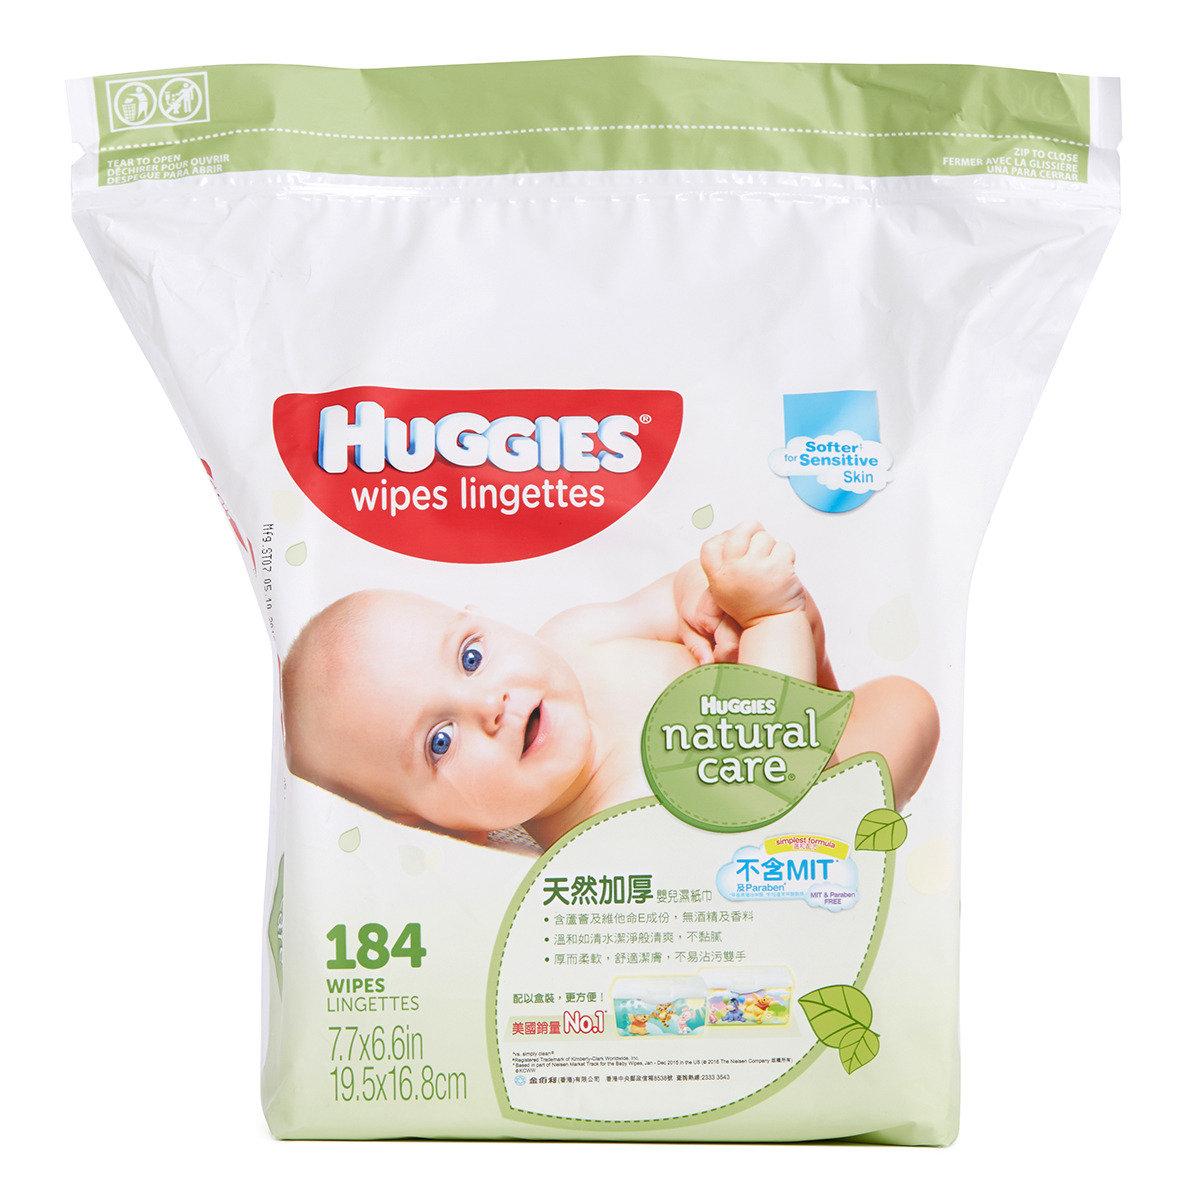 天然加厚嬰兒濕紙巾 (184片補充裝)